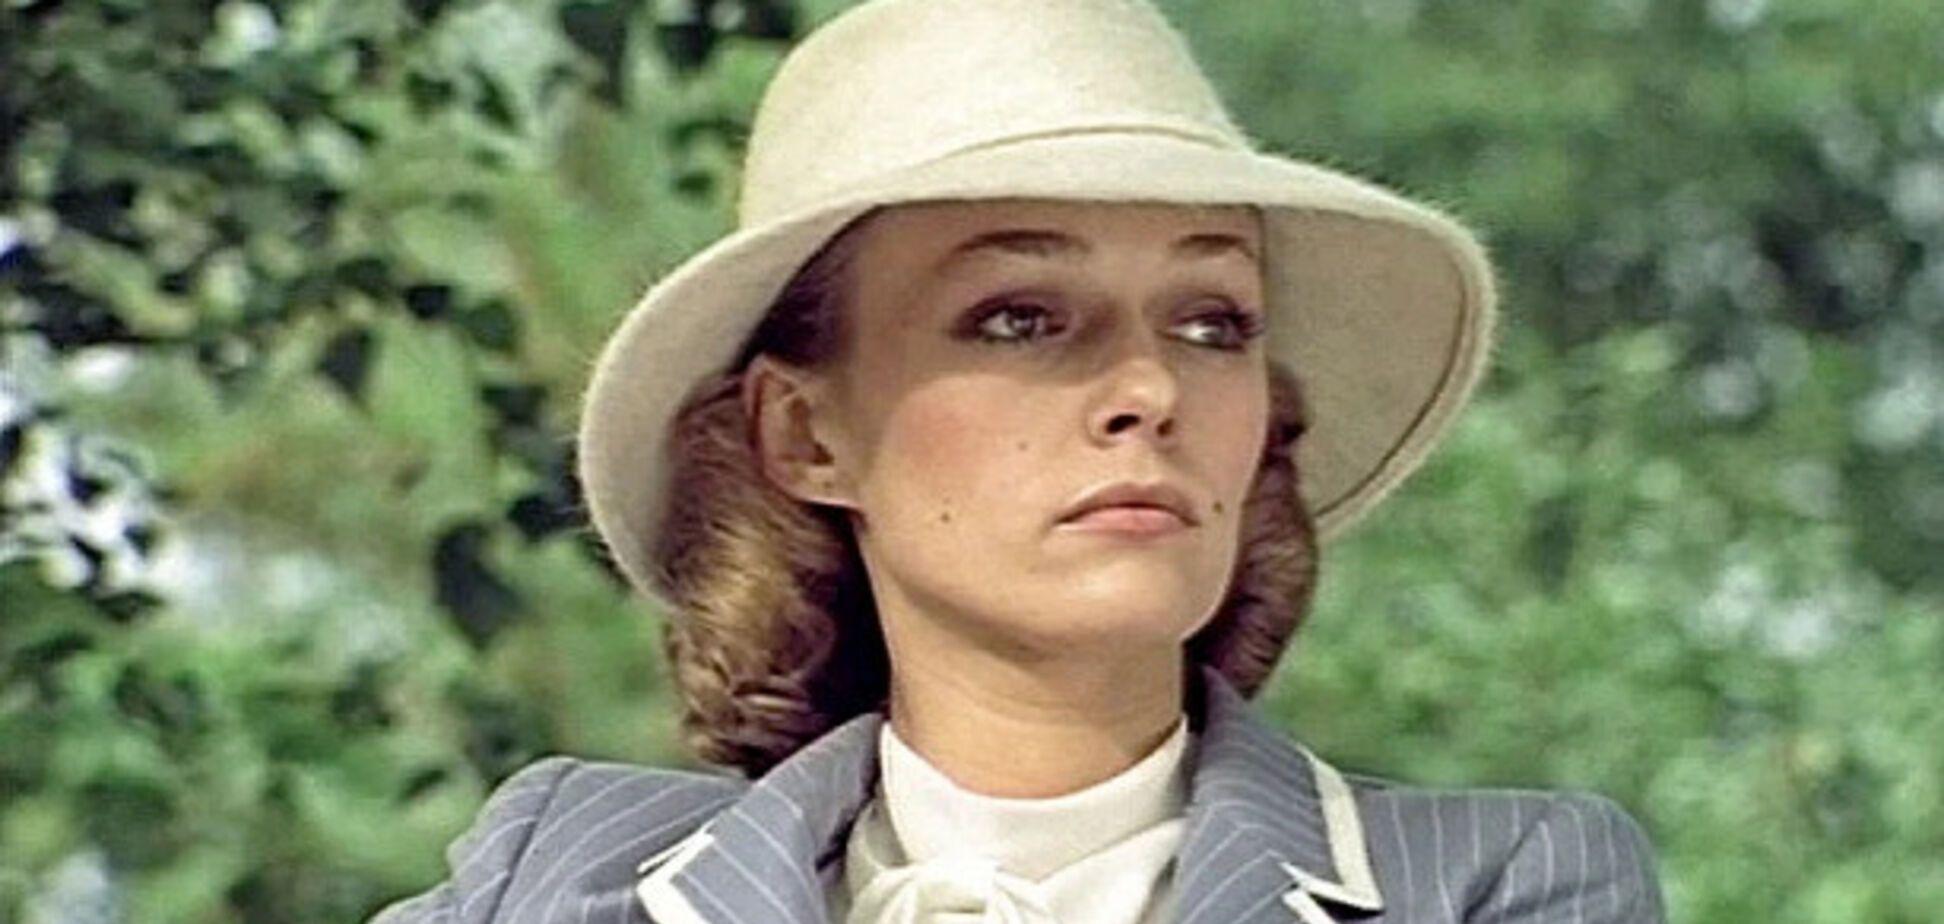 Одна з найгарніших актрис СРСР: як з часів молодості змінилася 64-річна Наталя Андрейченко